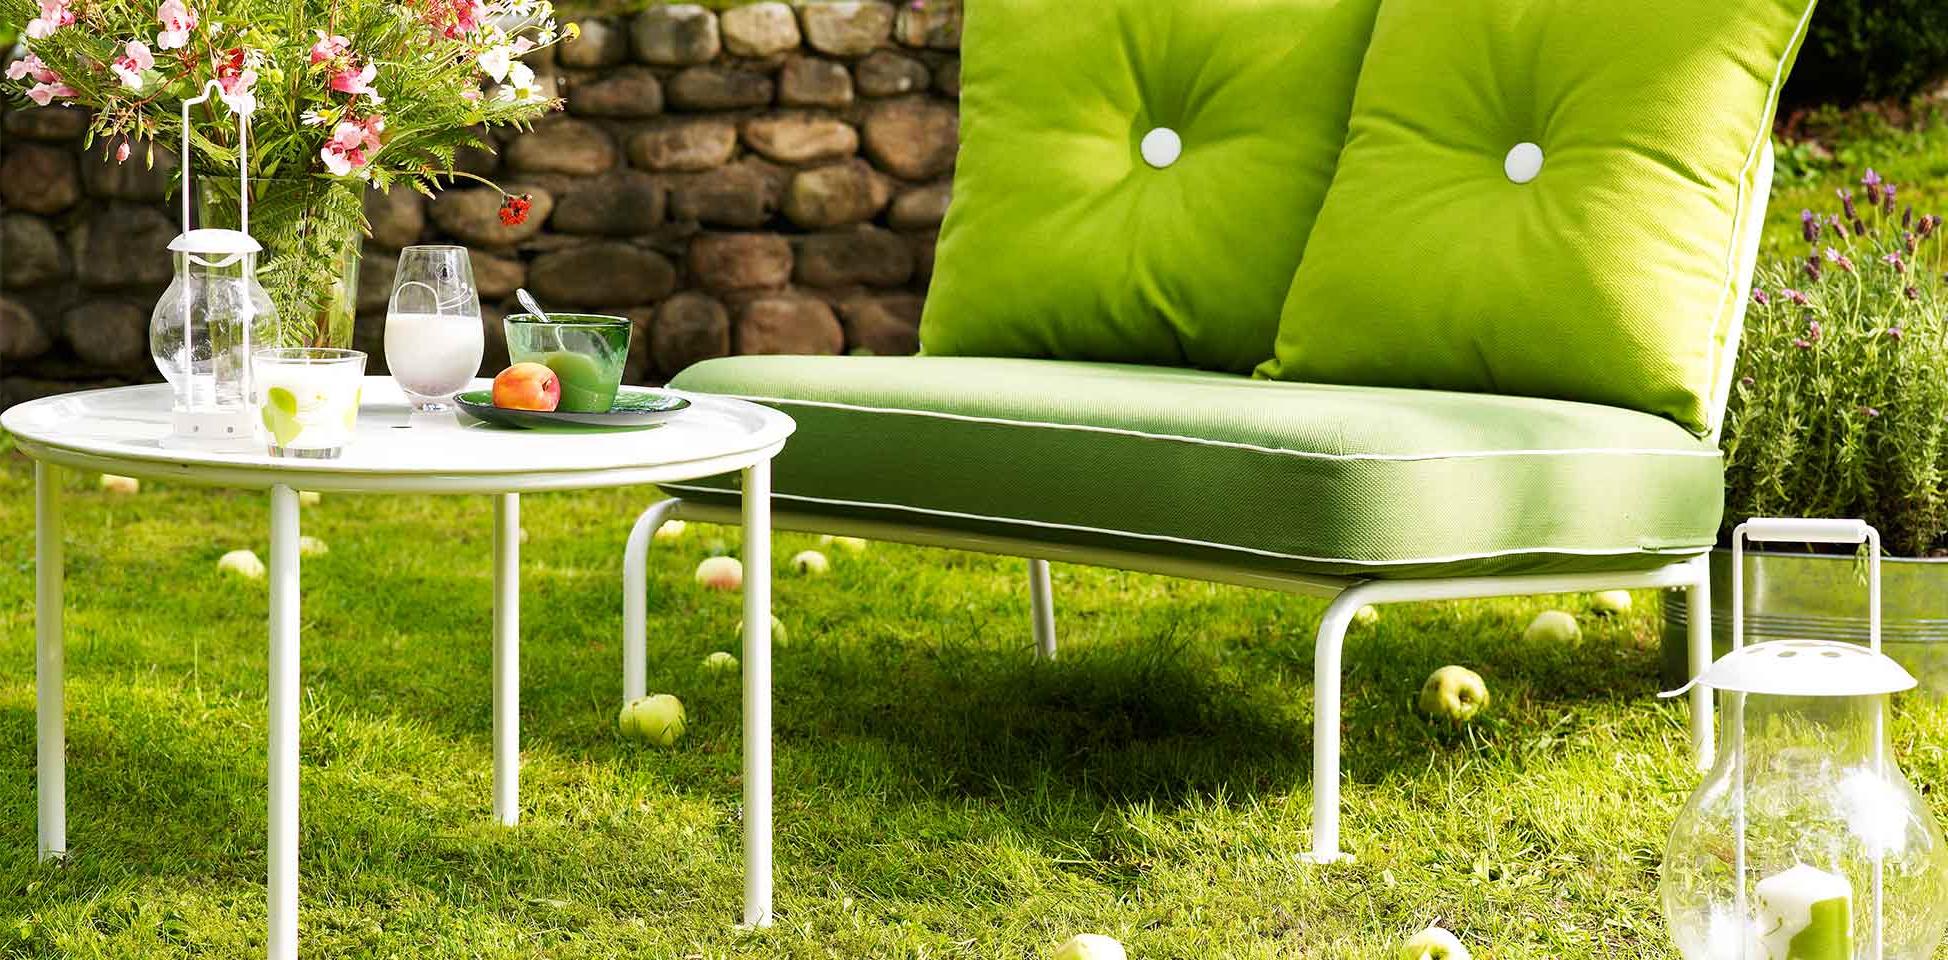 Mobiliario Jardin Ikea X8d1 Curso Escoger El Mobiliario Para Tu Jardà N Ikea